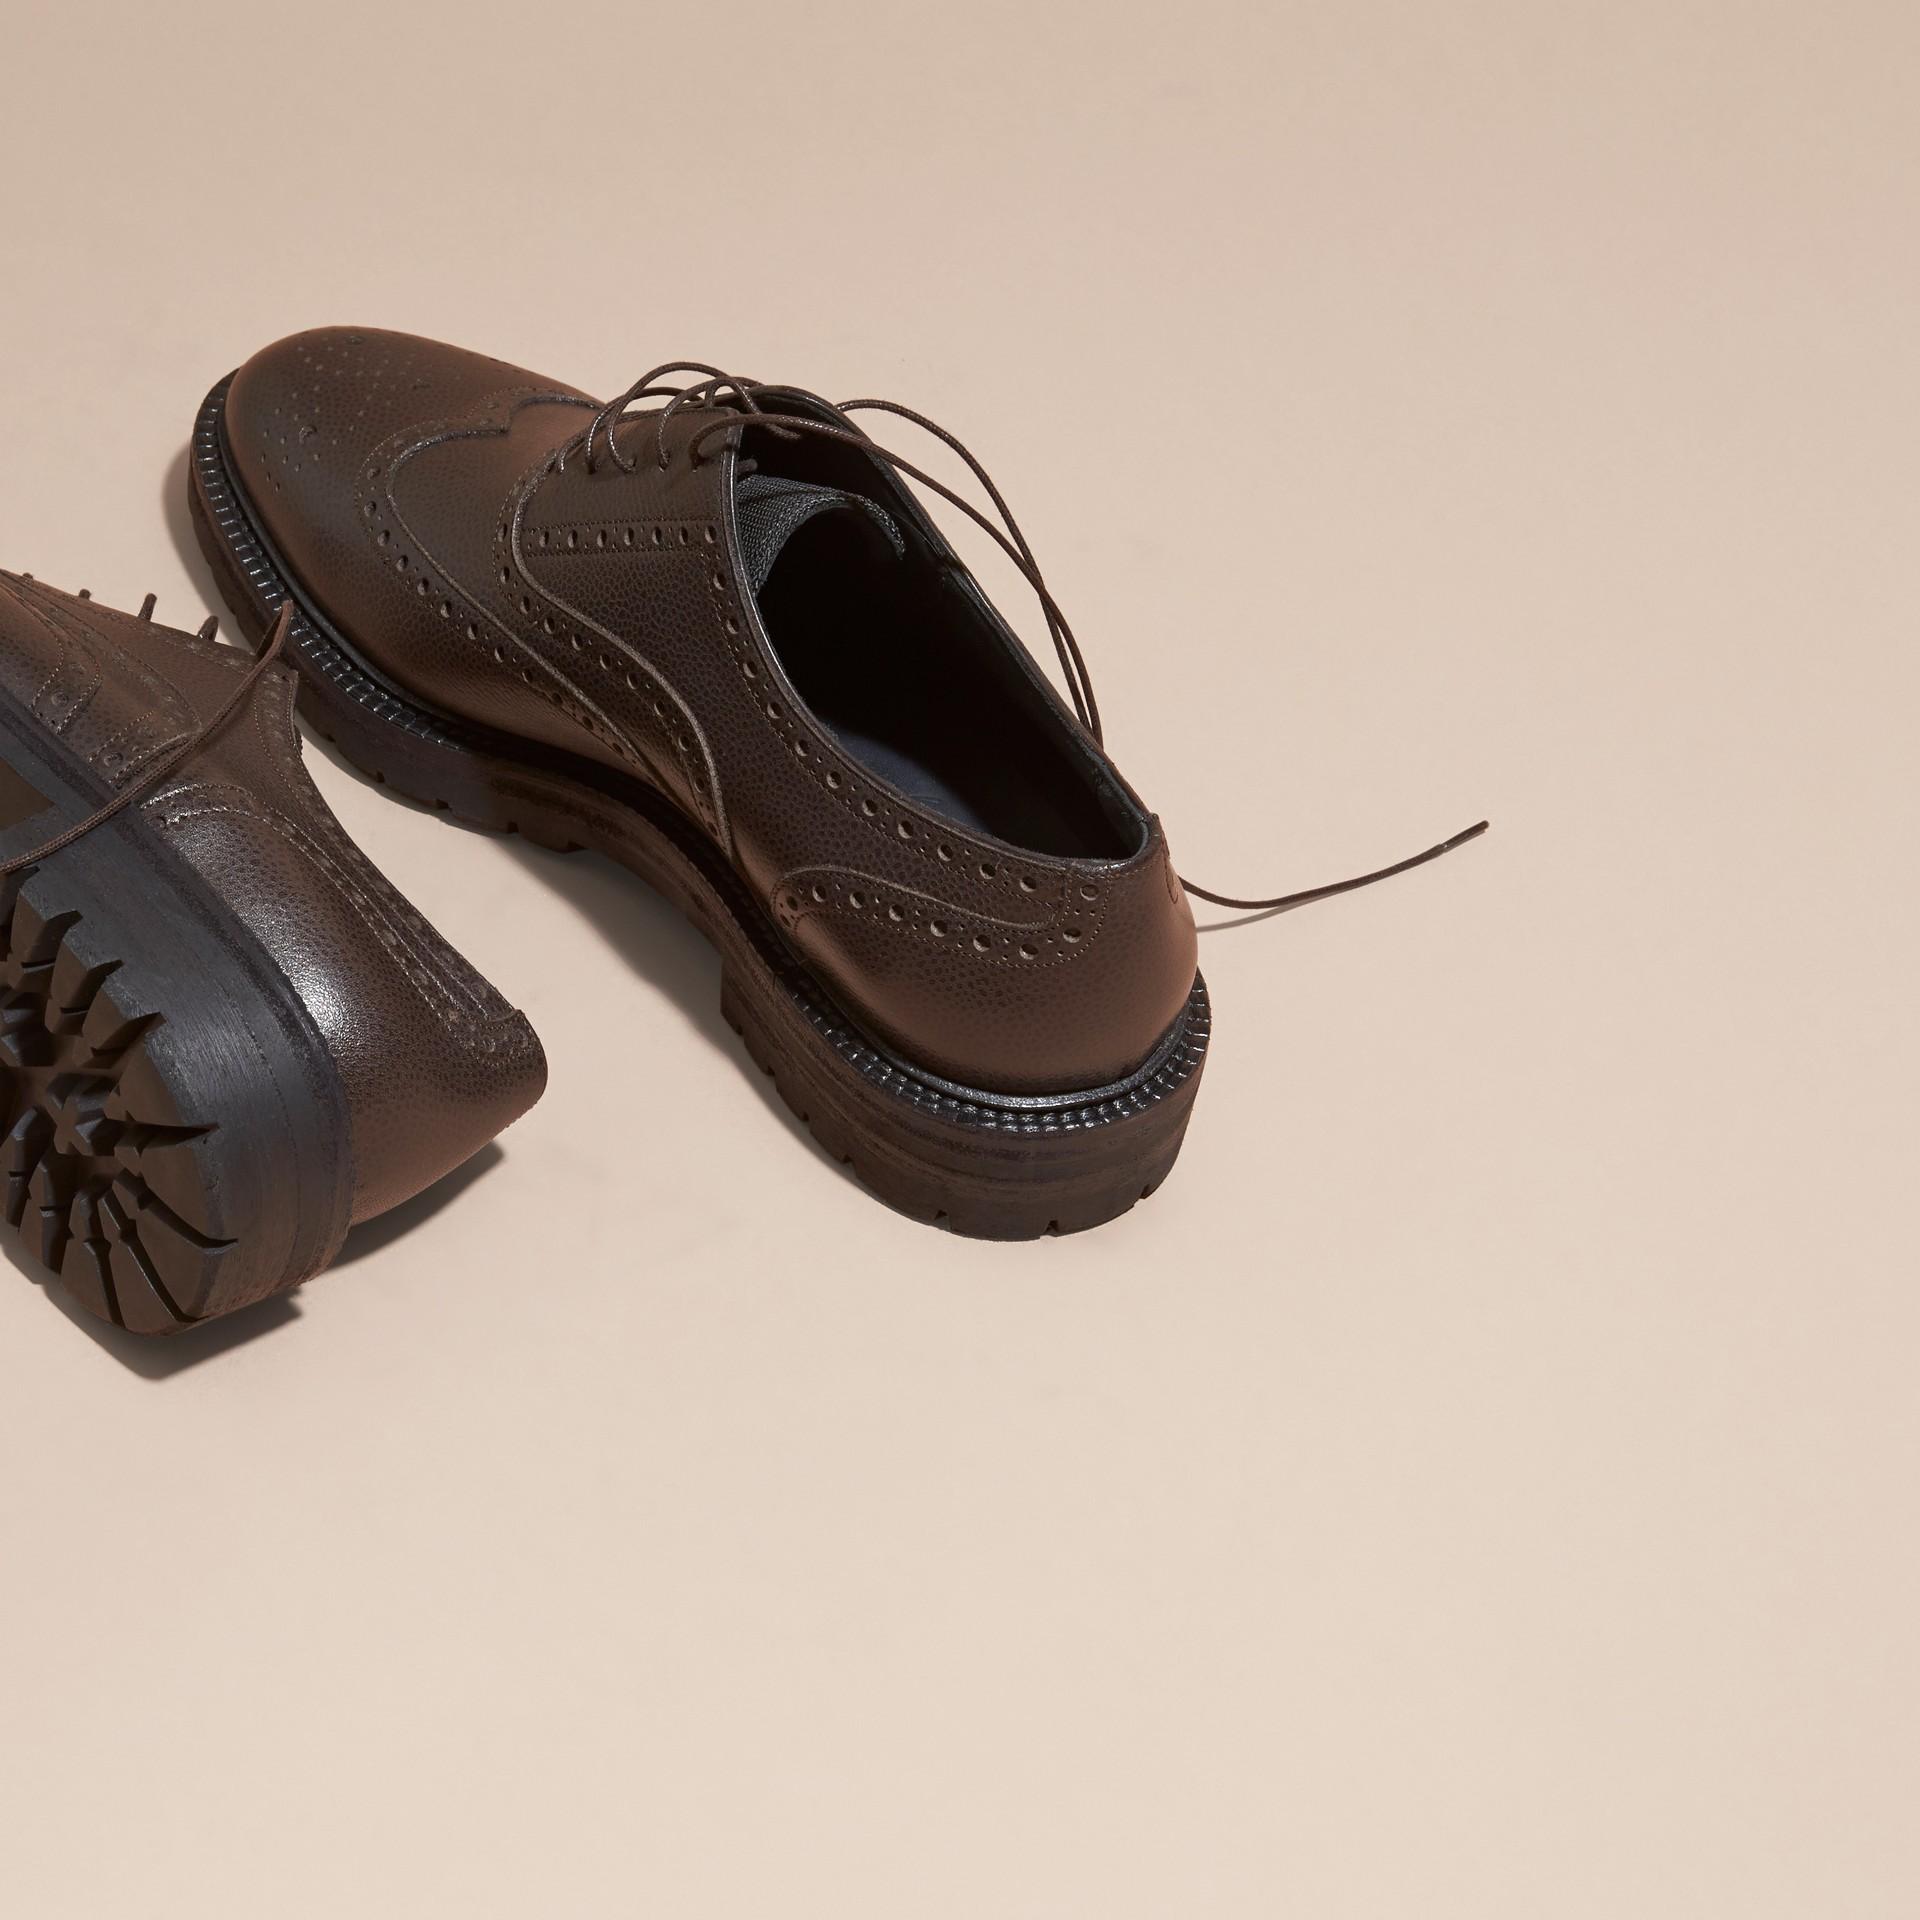 Chocolat amer Chaussures Richelieu en cuir grené à bout golf avec semelles en caoutchouc Chocolat Amer - photo de la galerie 4